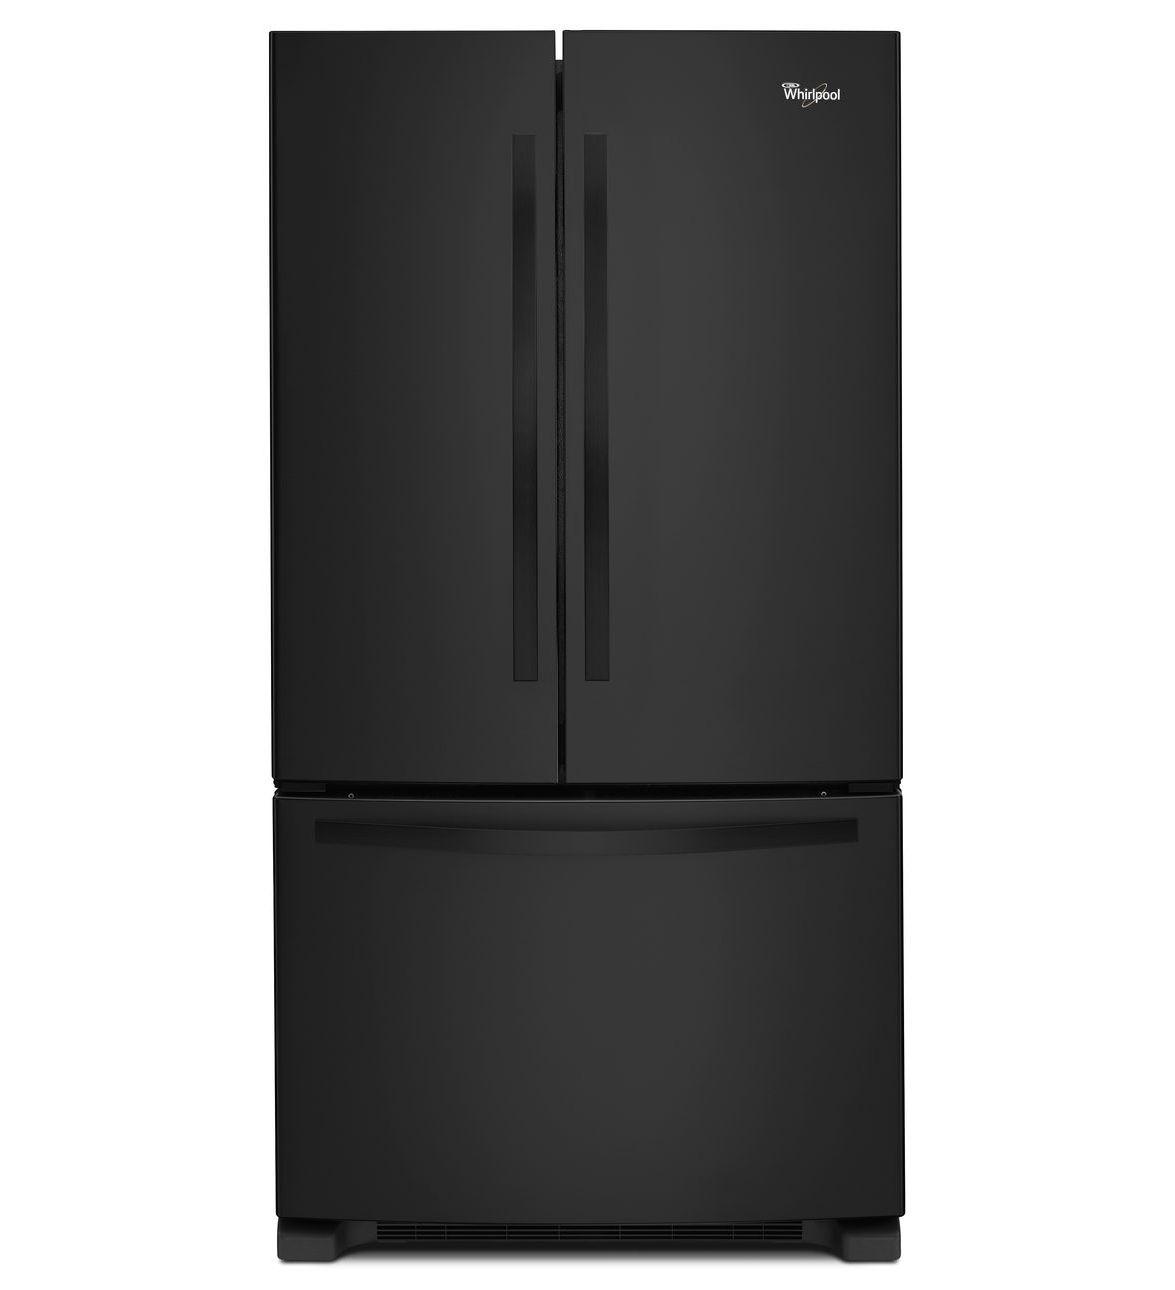 Réfrigérateur à portes françaises Whirlpool® de 22 pi cu avec système Accu-Chill™